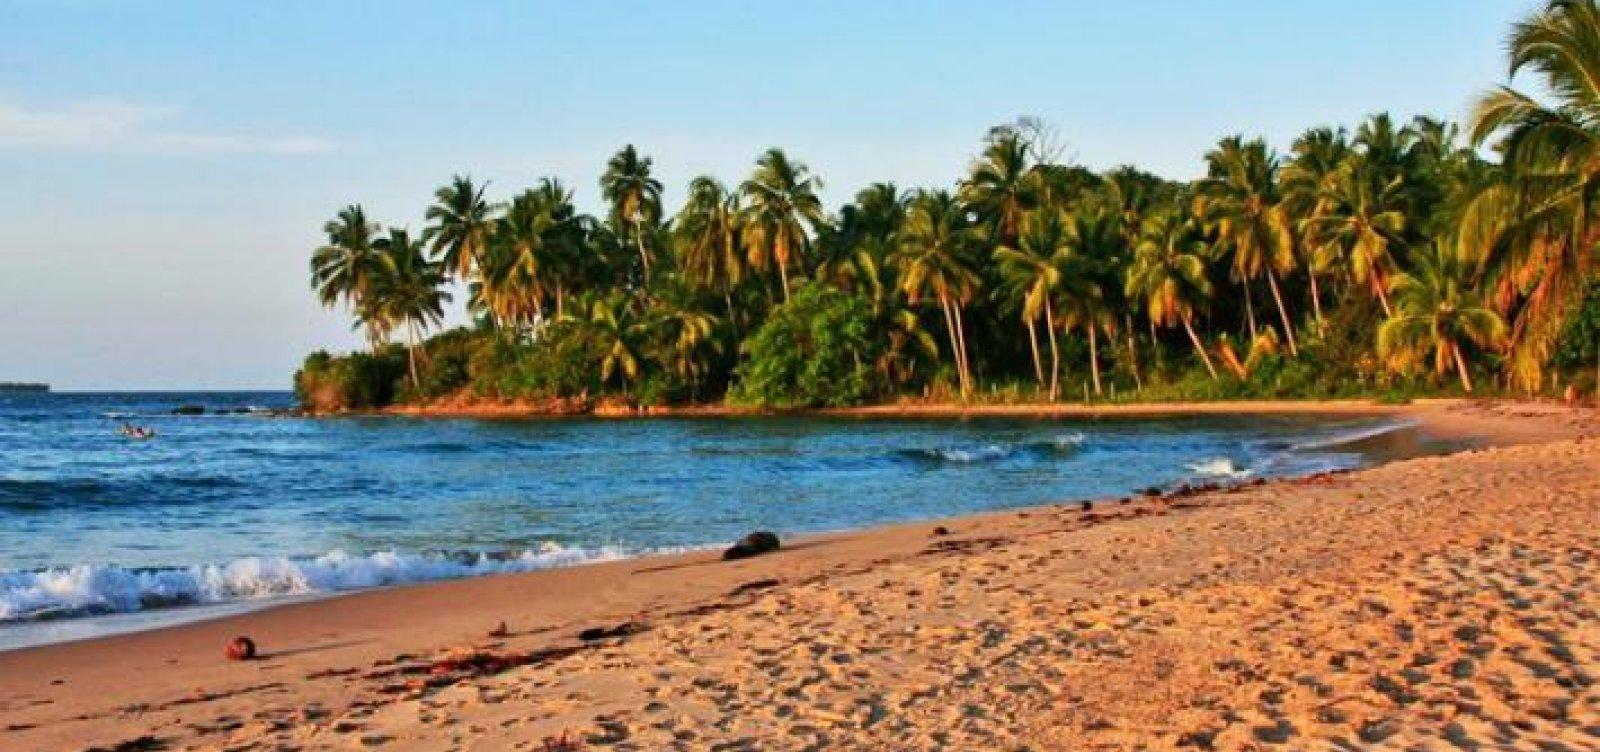 Rota de catamarã que liga Salvador a Barra Grande estará disponível em dezembro